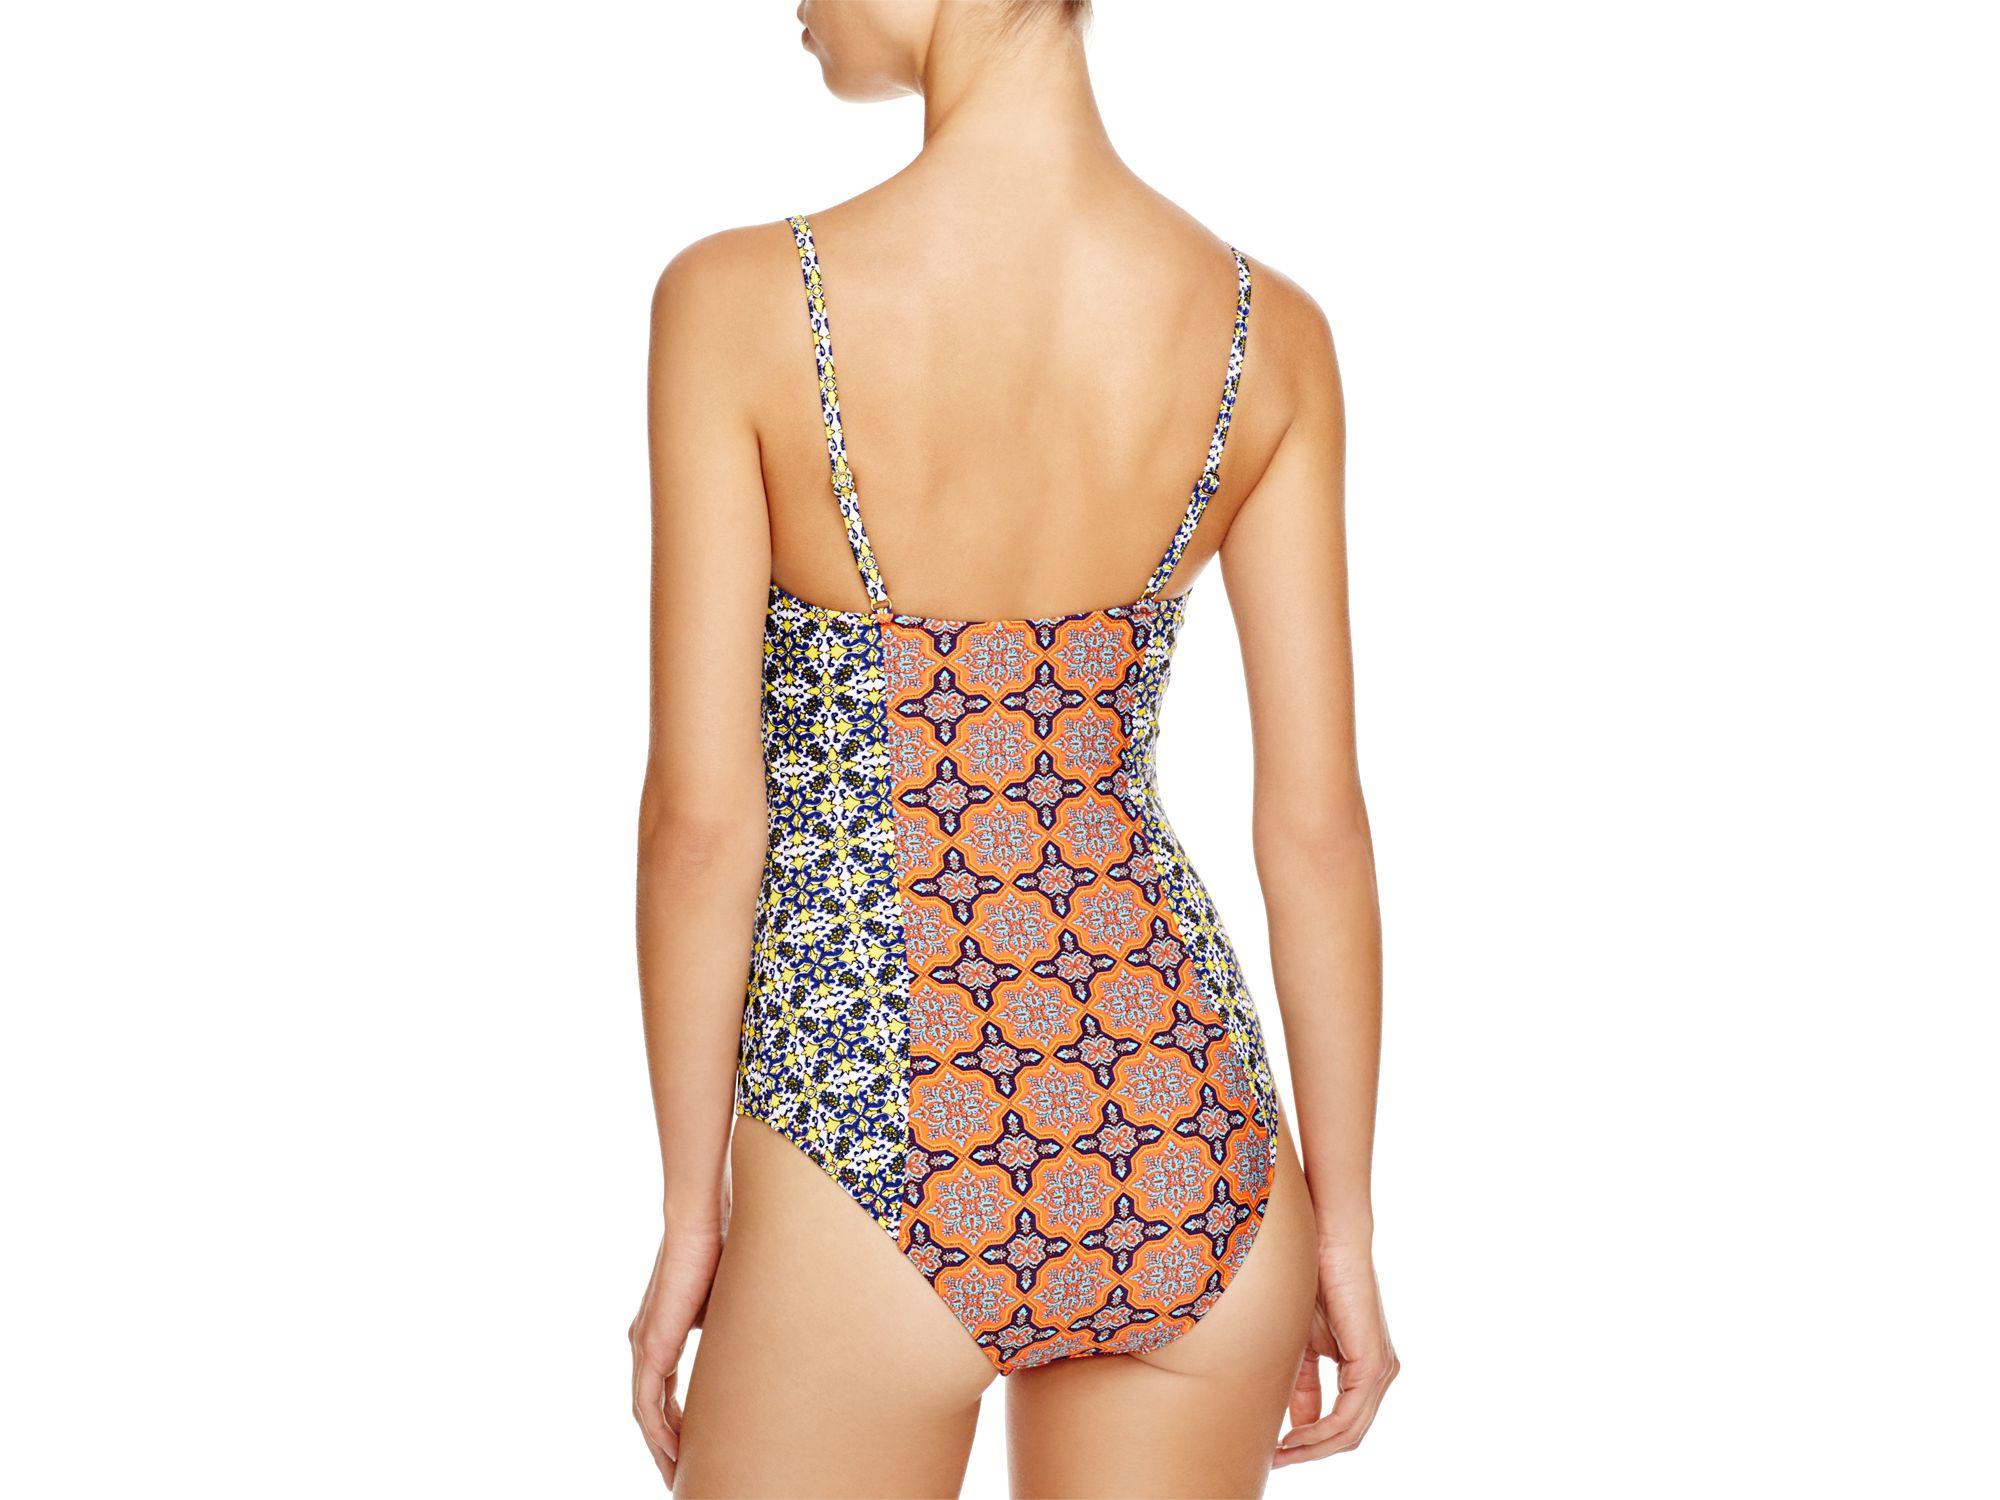 Minkpink Pepper & Splice One Piece Swimsuit in Multicolor ...